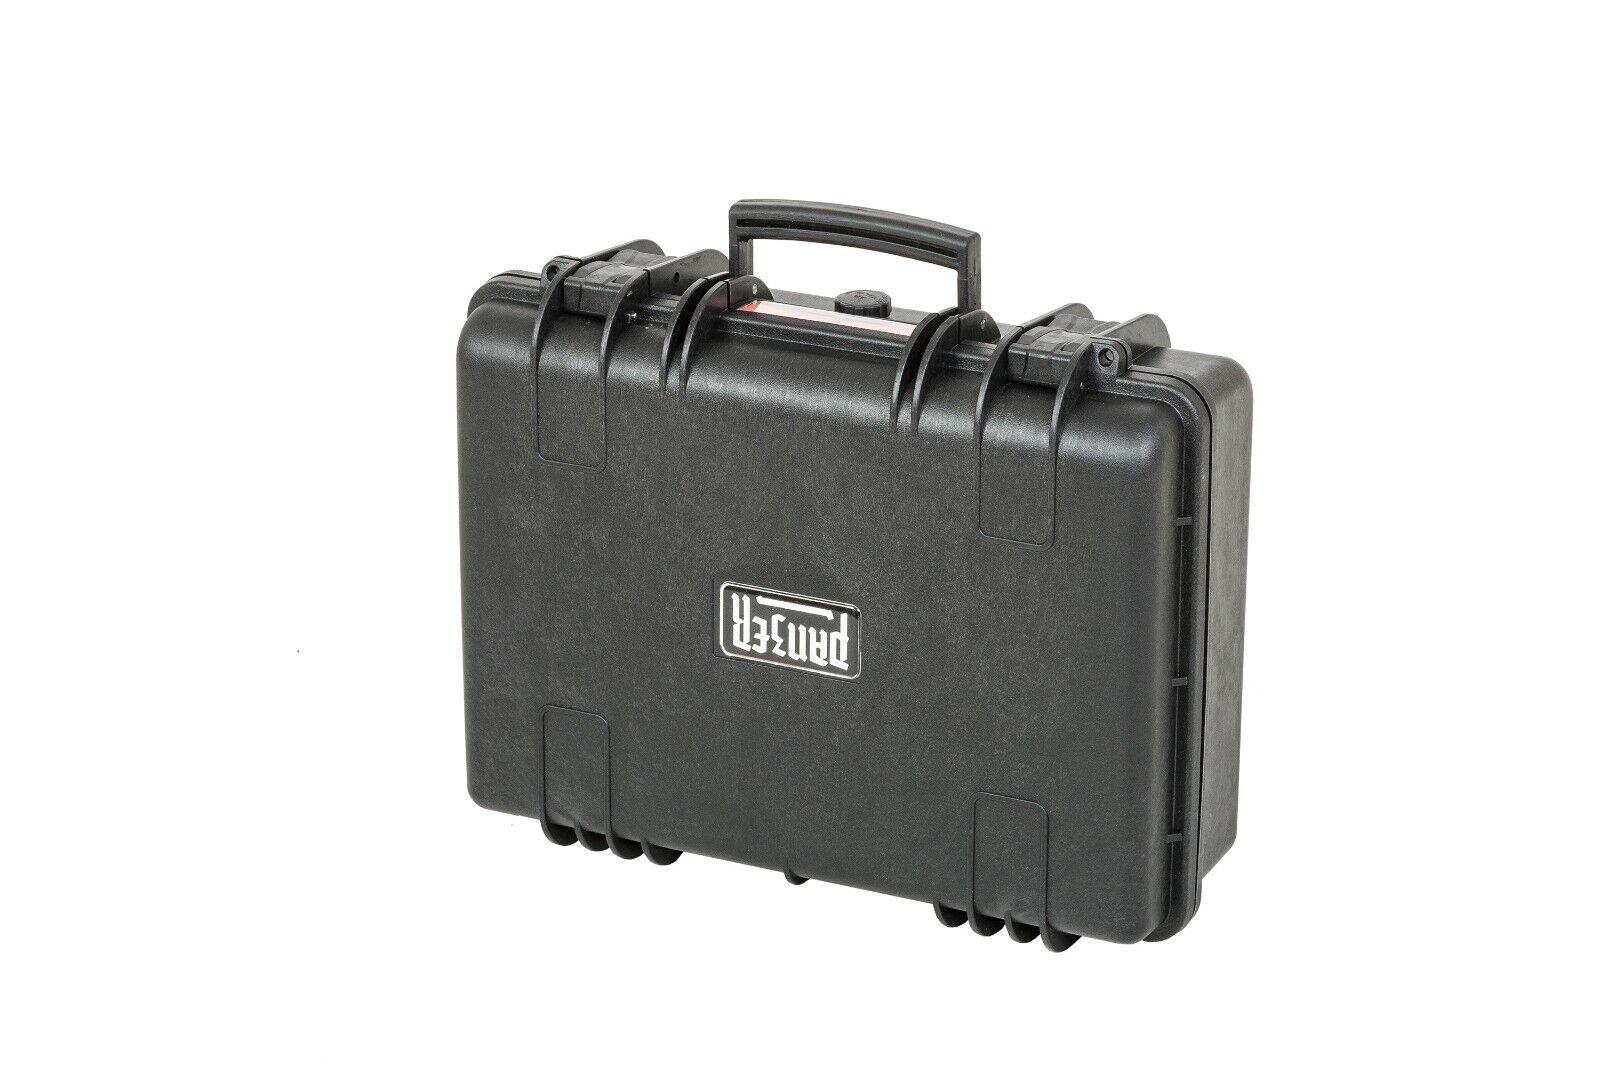 Centurion 15 - Waterproof Heavy-duty Peli Style Hard Case with Foam 45x34x16cm